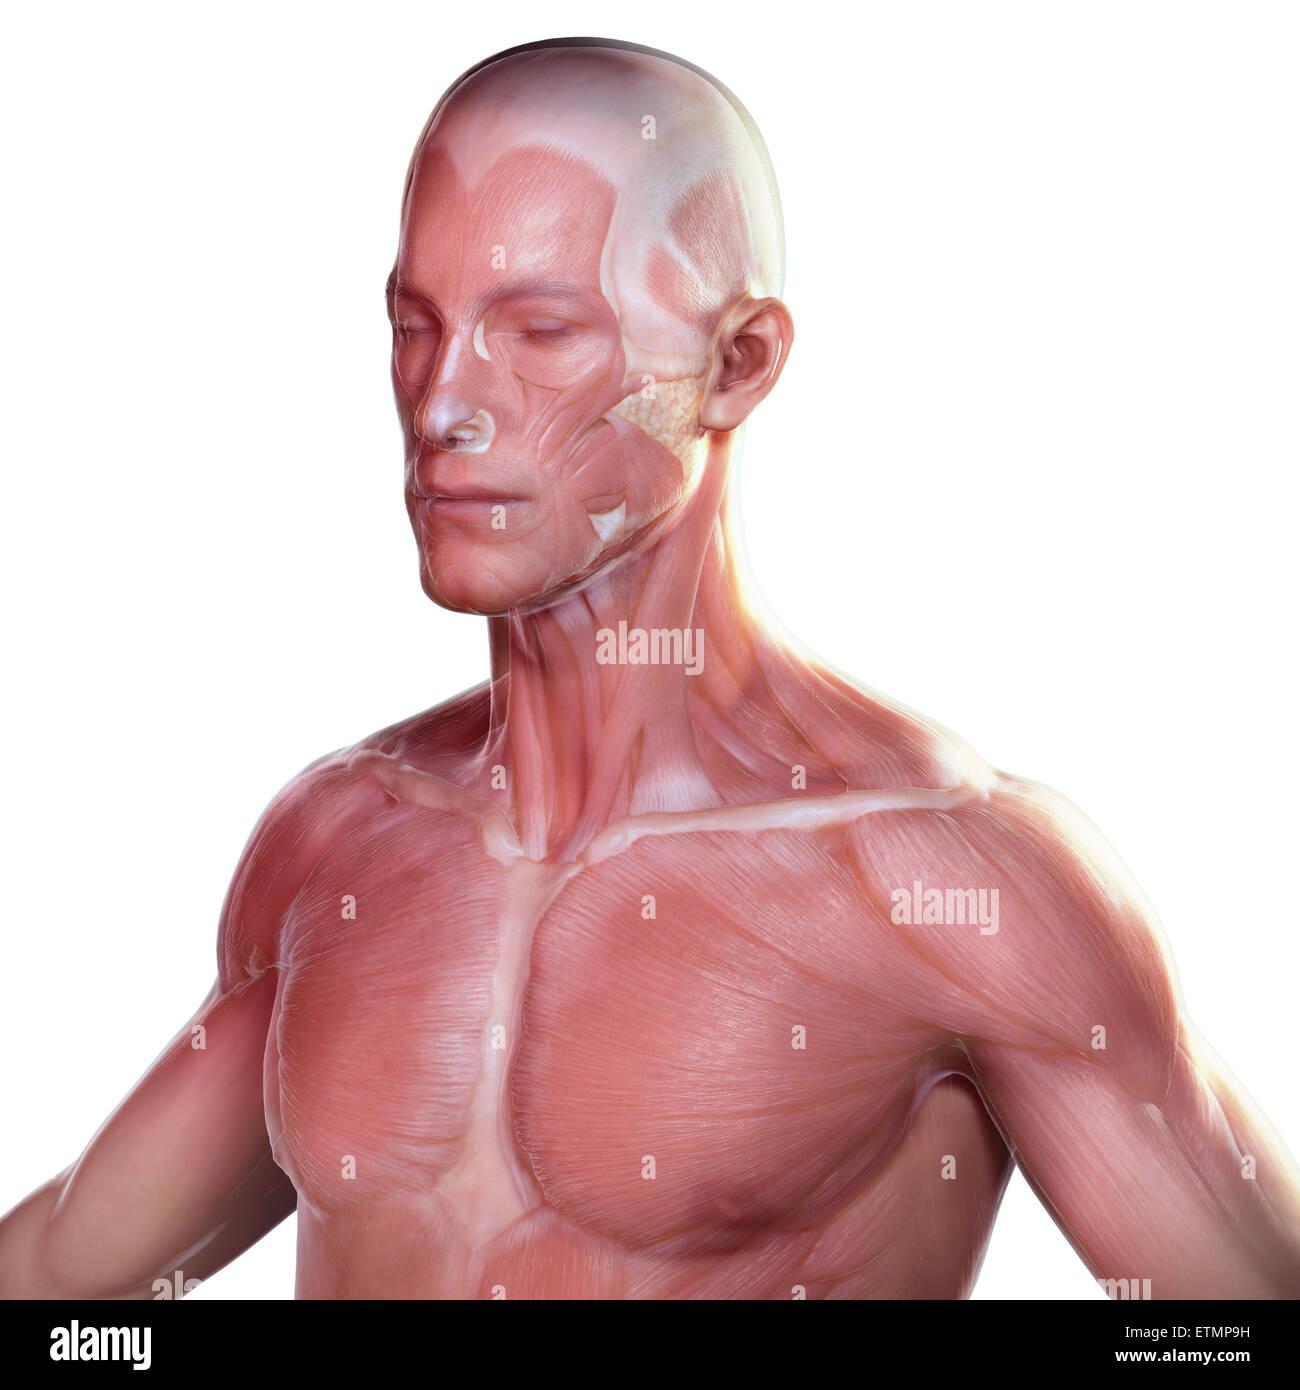 Image conceptuelle du visage et le haut du corps avec la musculature visible sous la peau. Photo Stock